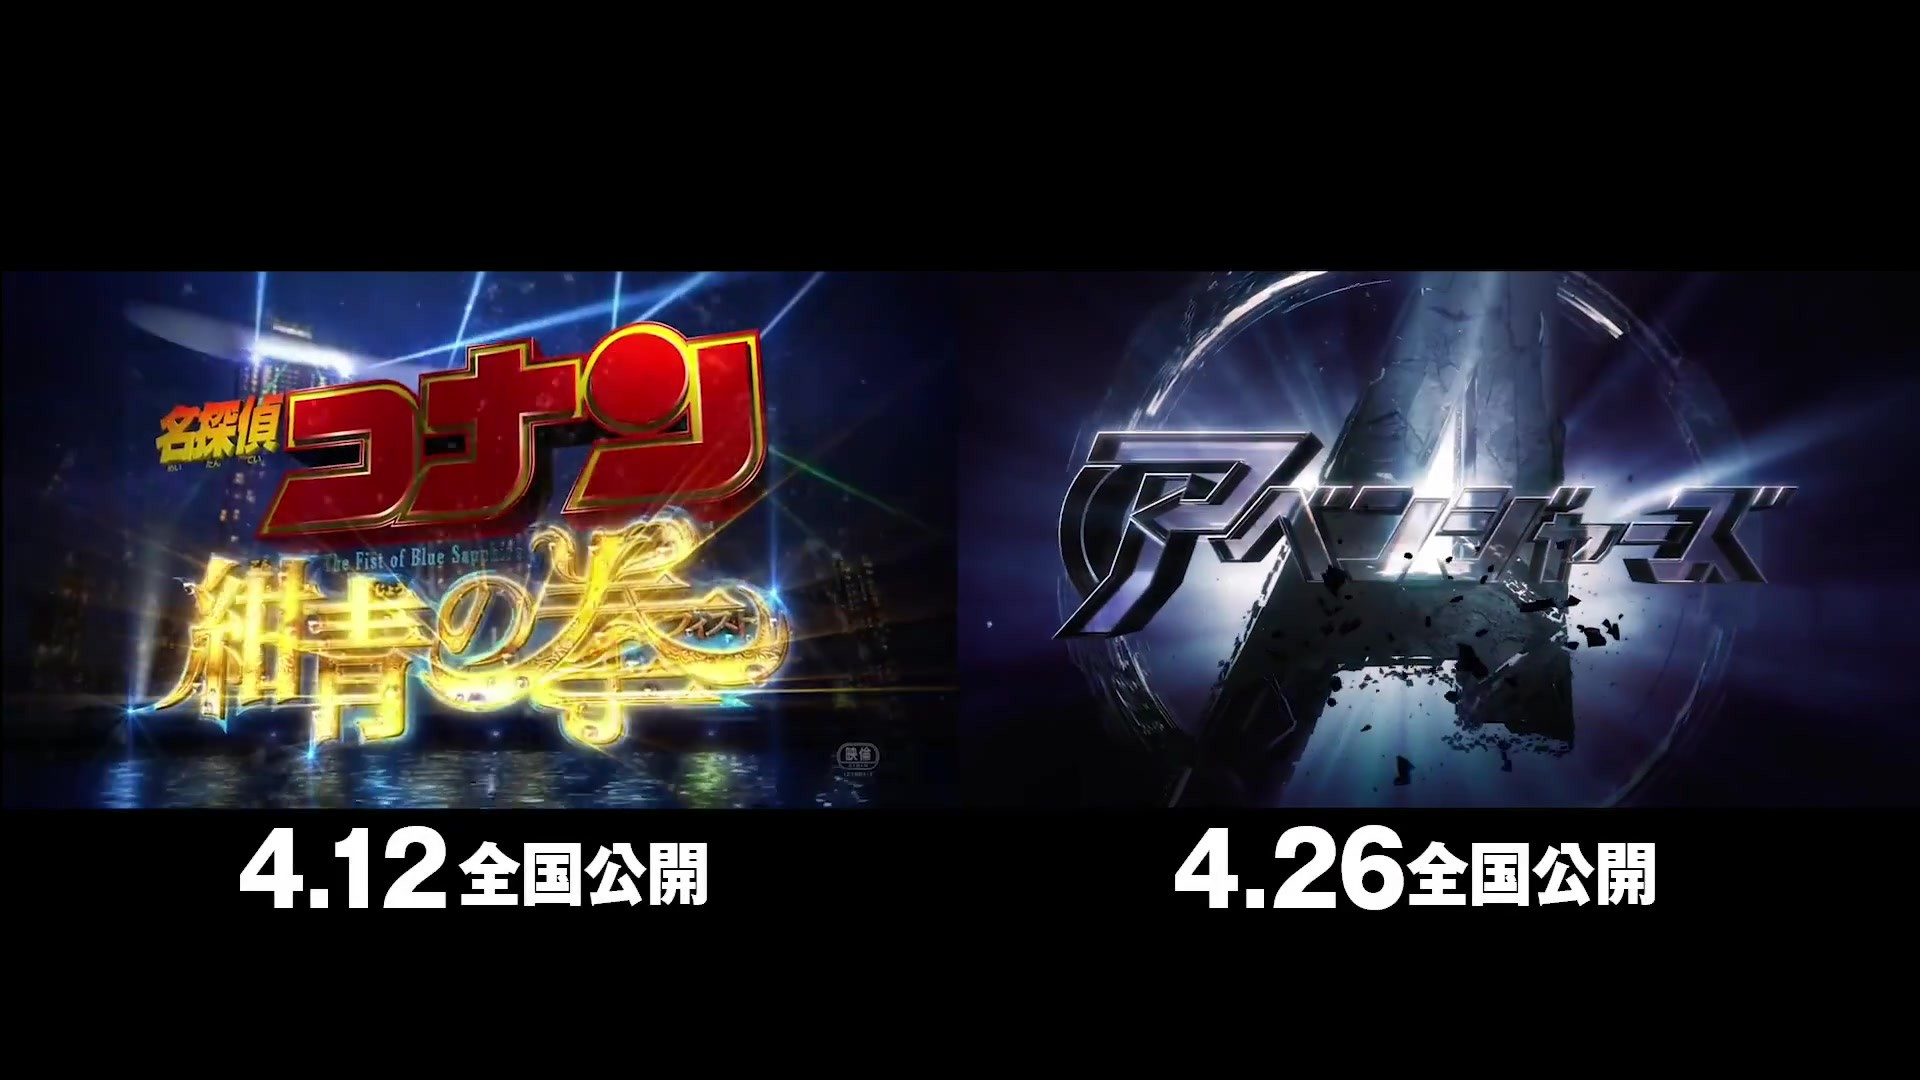 【资讯】《名侦探柯南:绀青之拳》x《复仇者联盟4:终局之战》联动